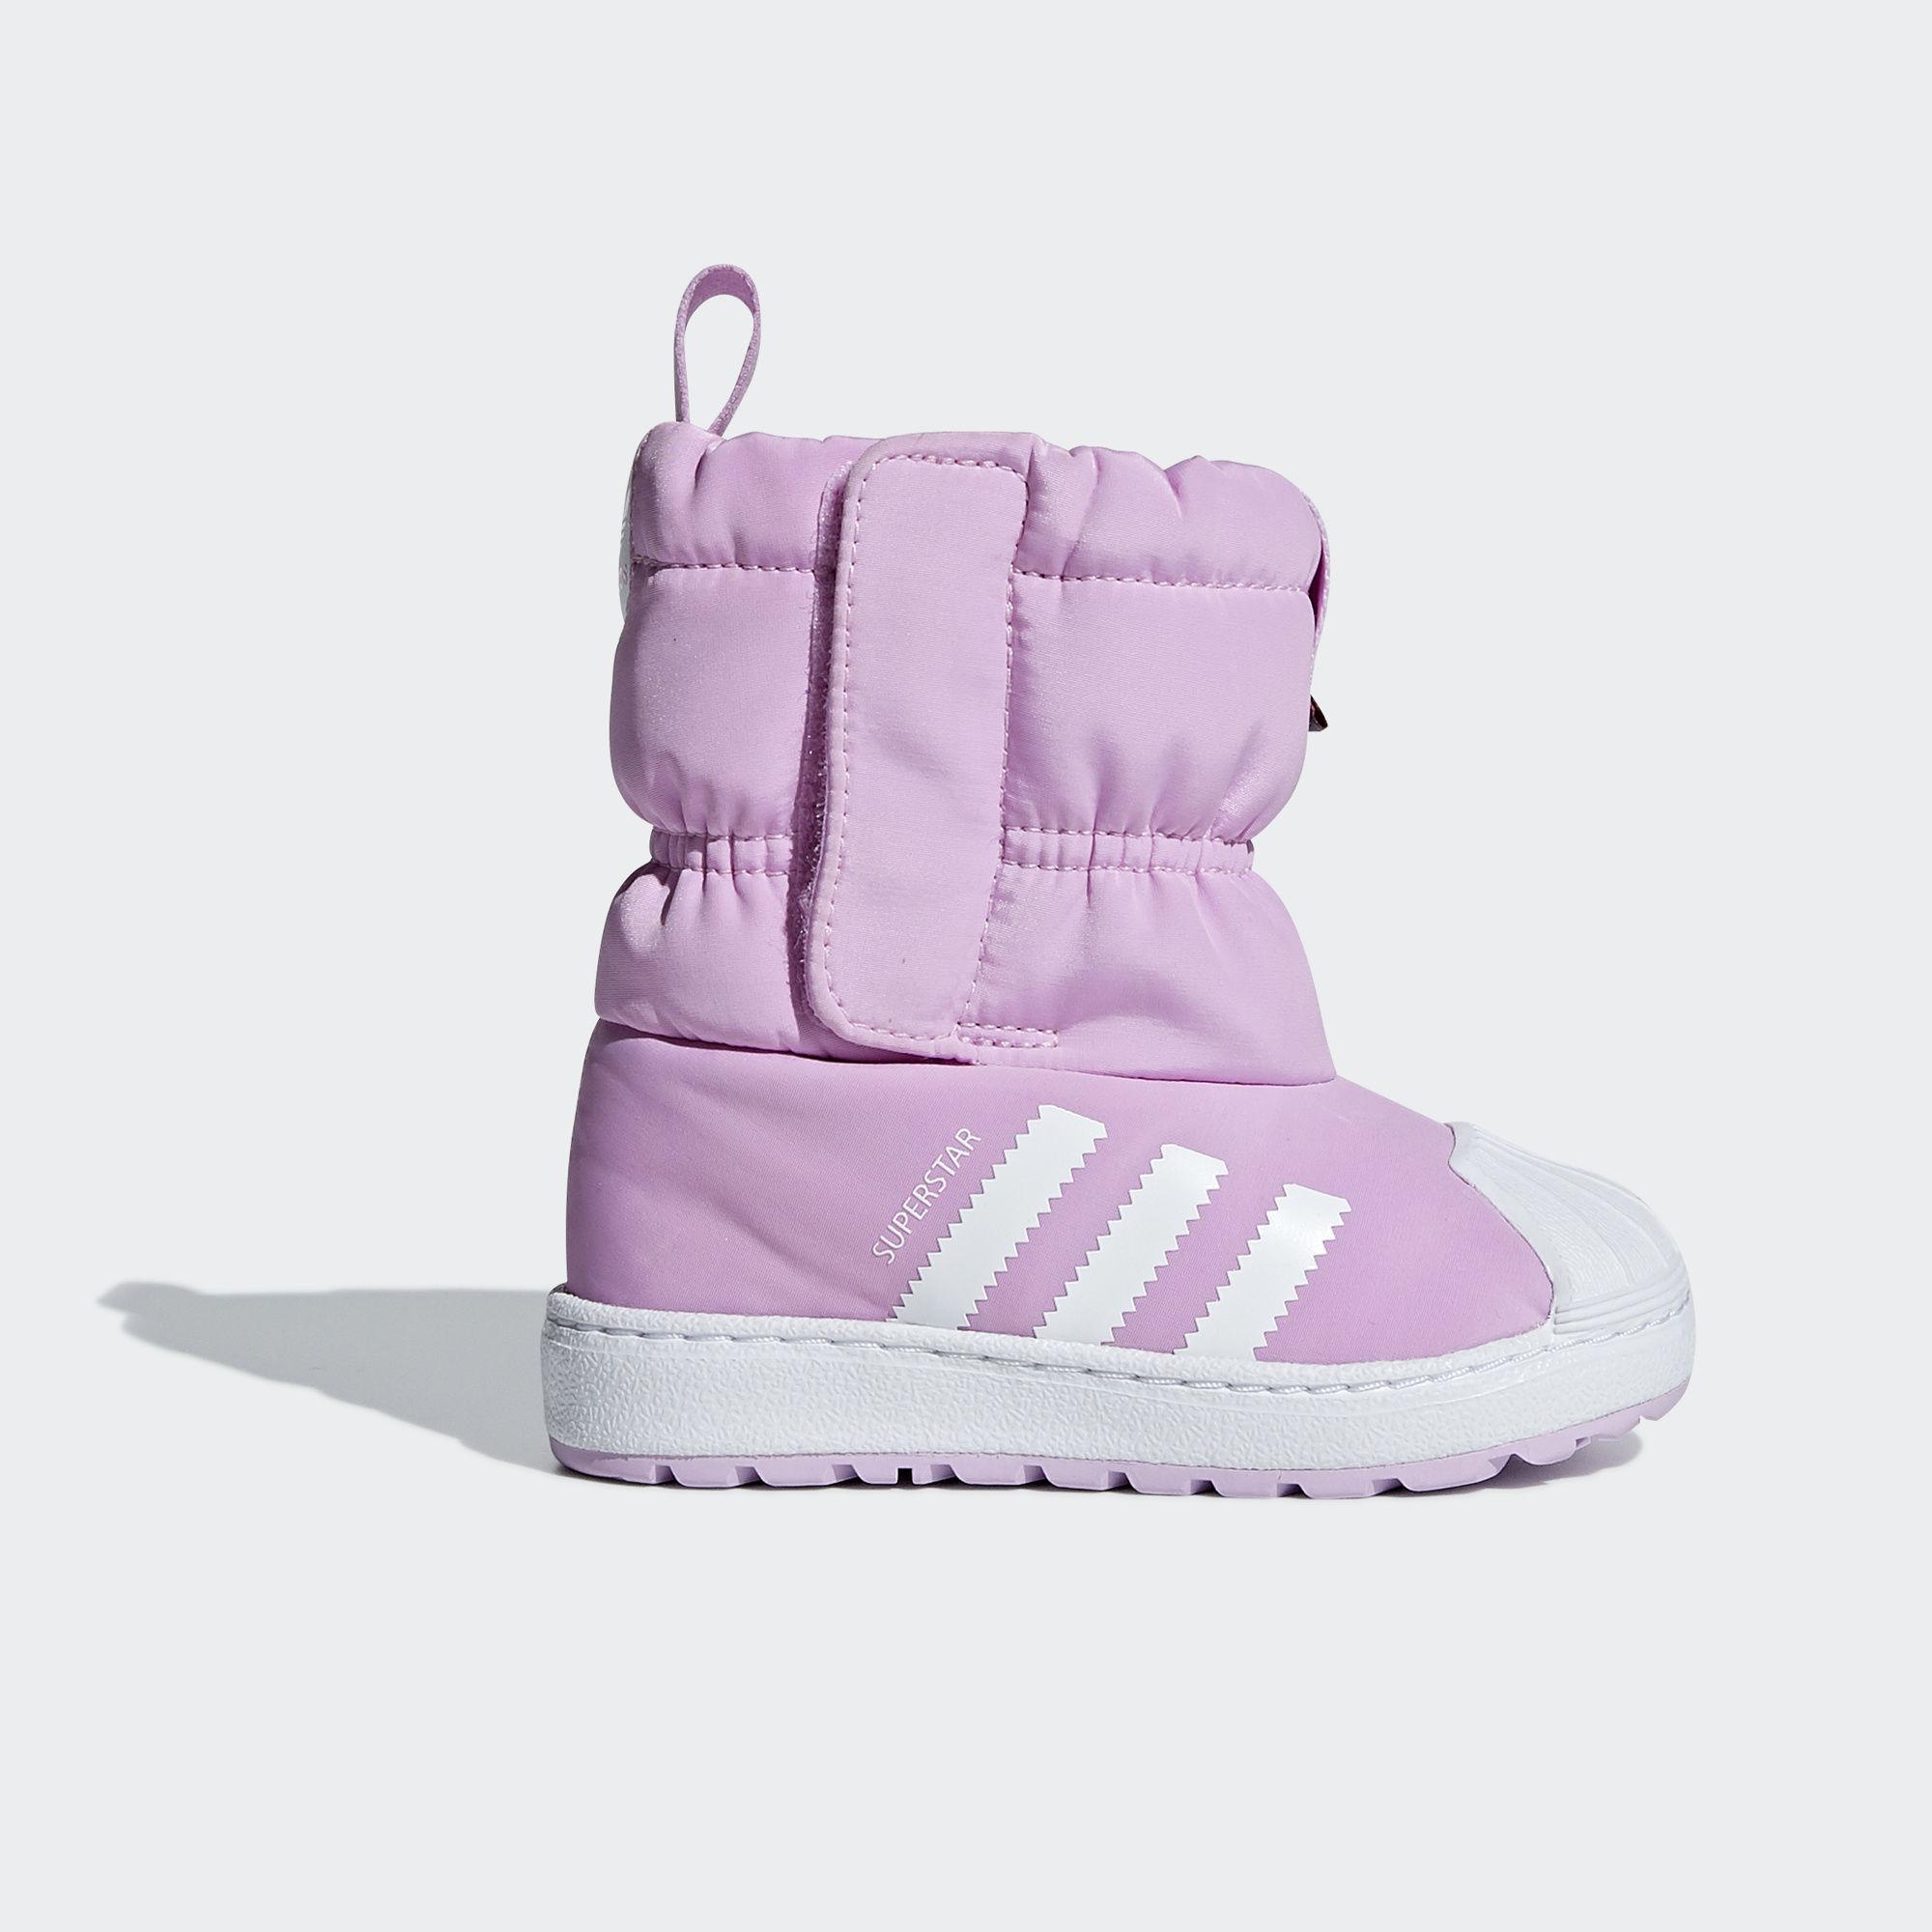 Зимние ботинки Superstar B37303 adidas Originals - Украина   ONETEAM.COM.UA 5ce6acf1d65